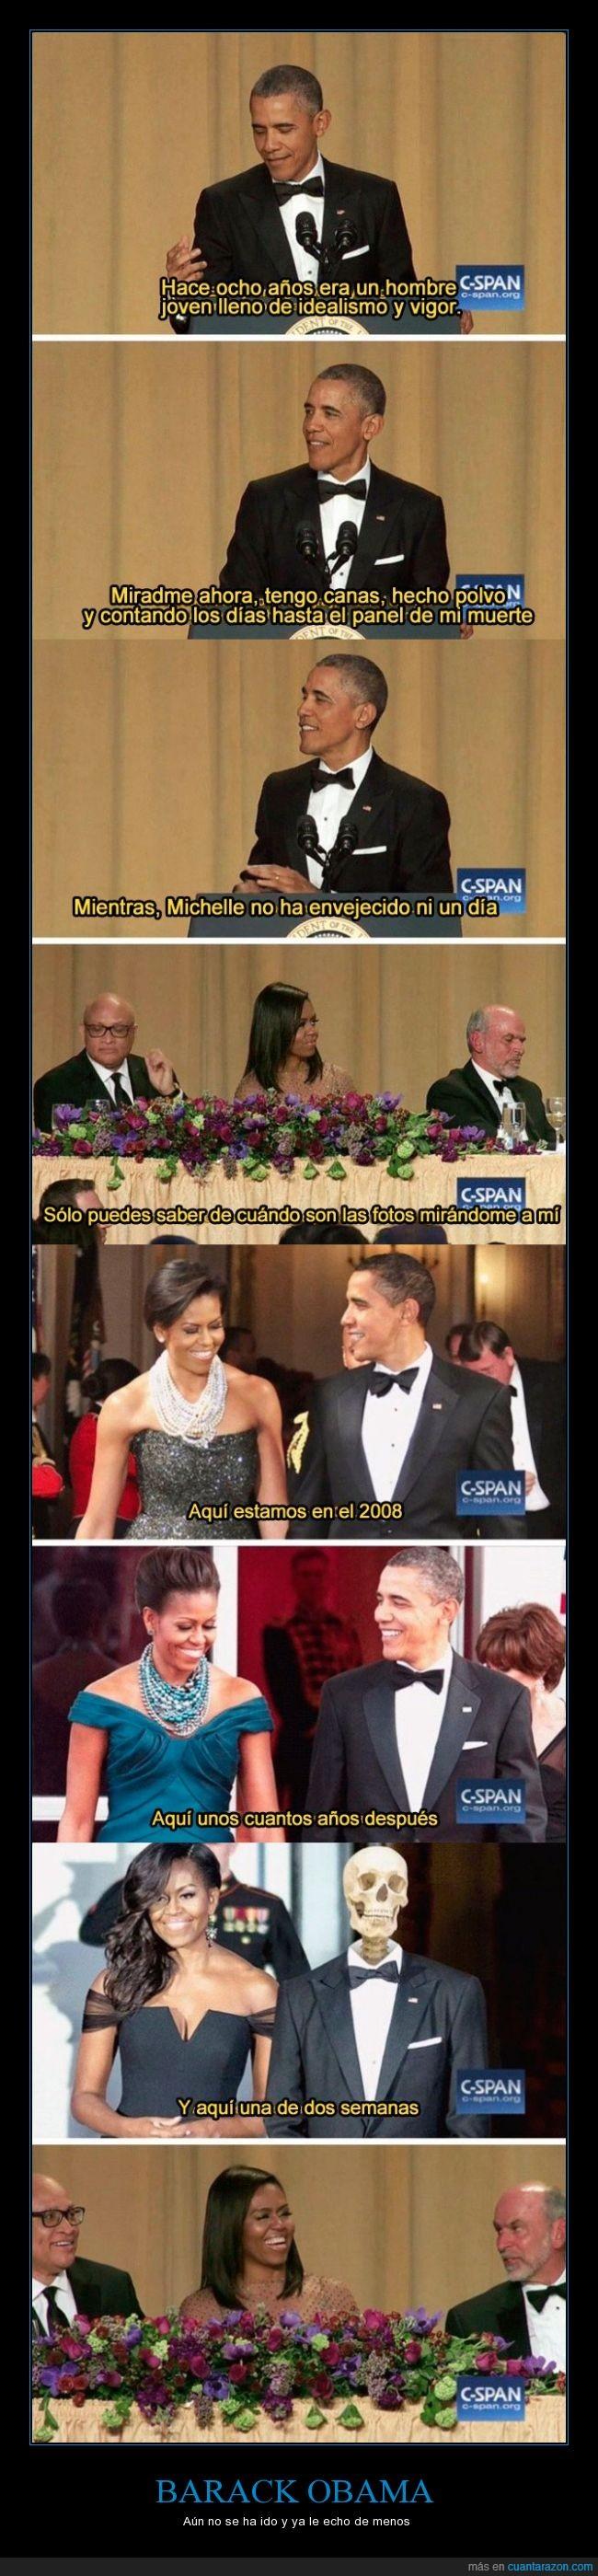 Barack Obama,discurso,Estados Unidos,foto,Michelle,presidente